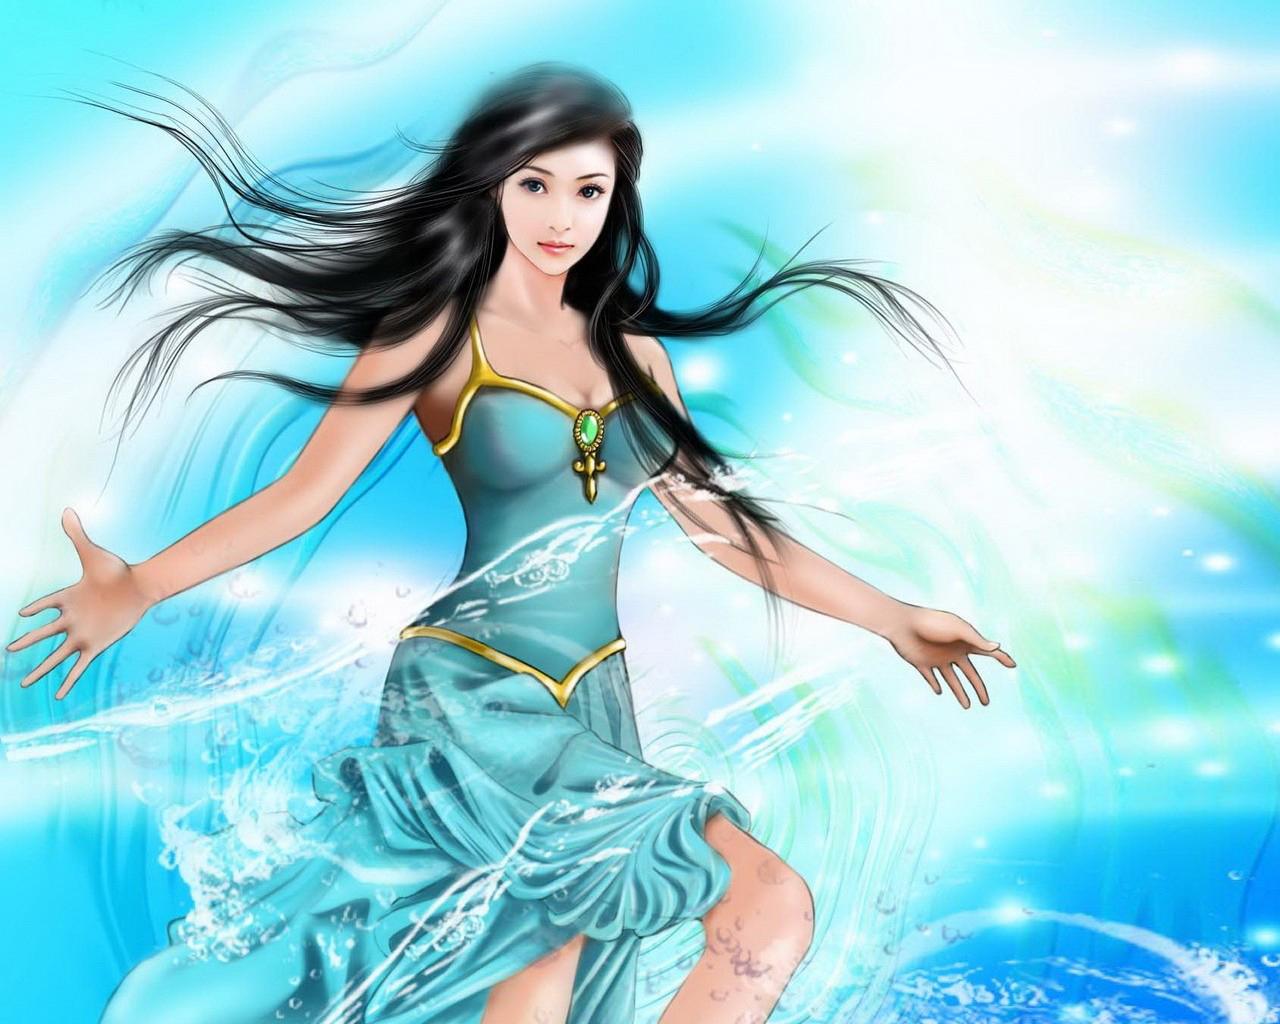 Imagenes para descargar wallpapers gratis hermosa chica en.